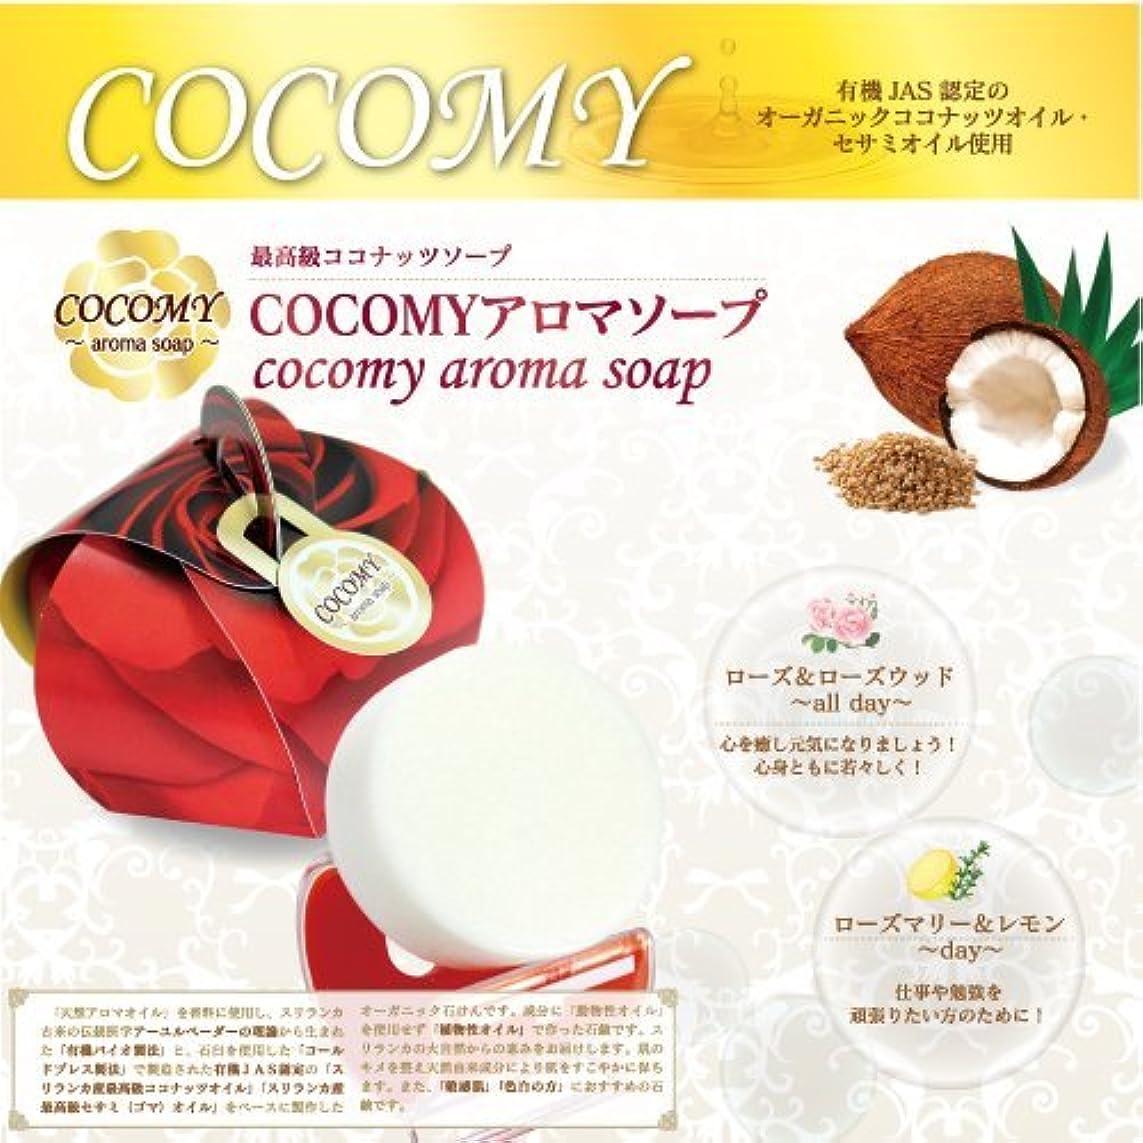 ぬいぐるみ静めるバンドルCOCOMY aromaソープ 4個セット (ローズマリー&レモン)(ローズ&ローズウッド) 40g×各2